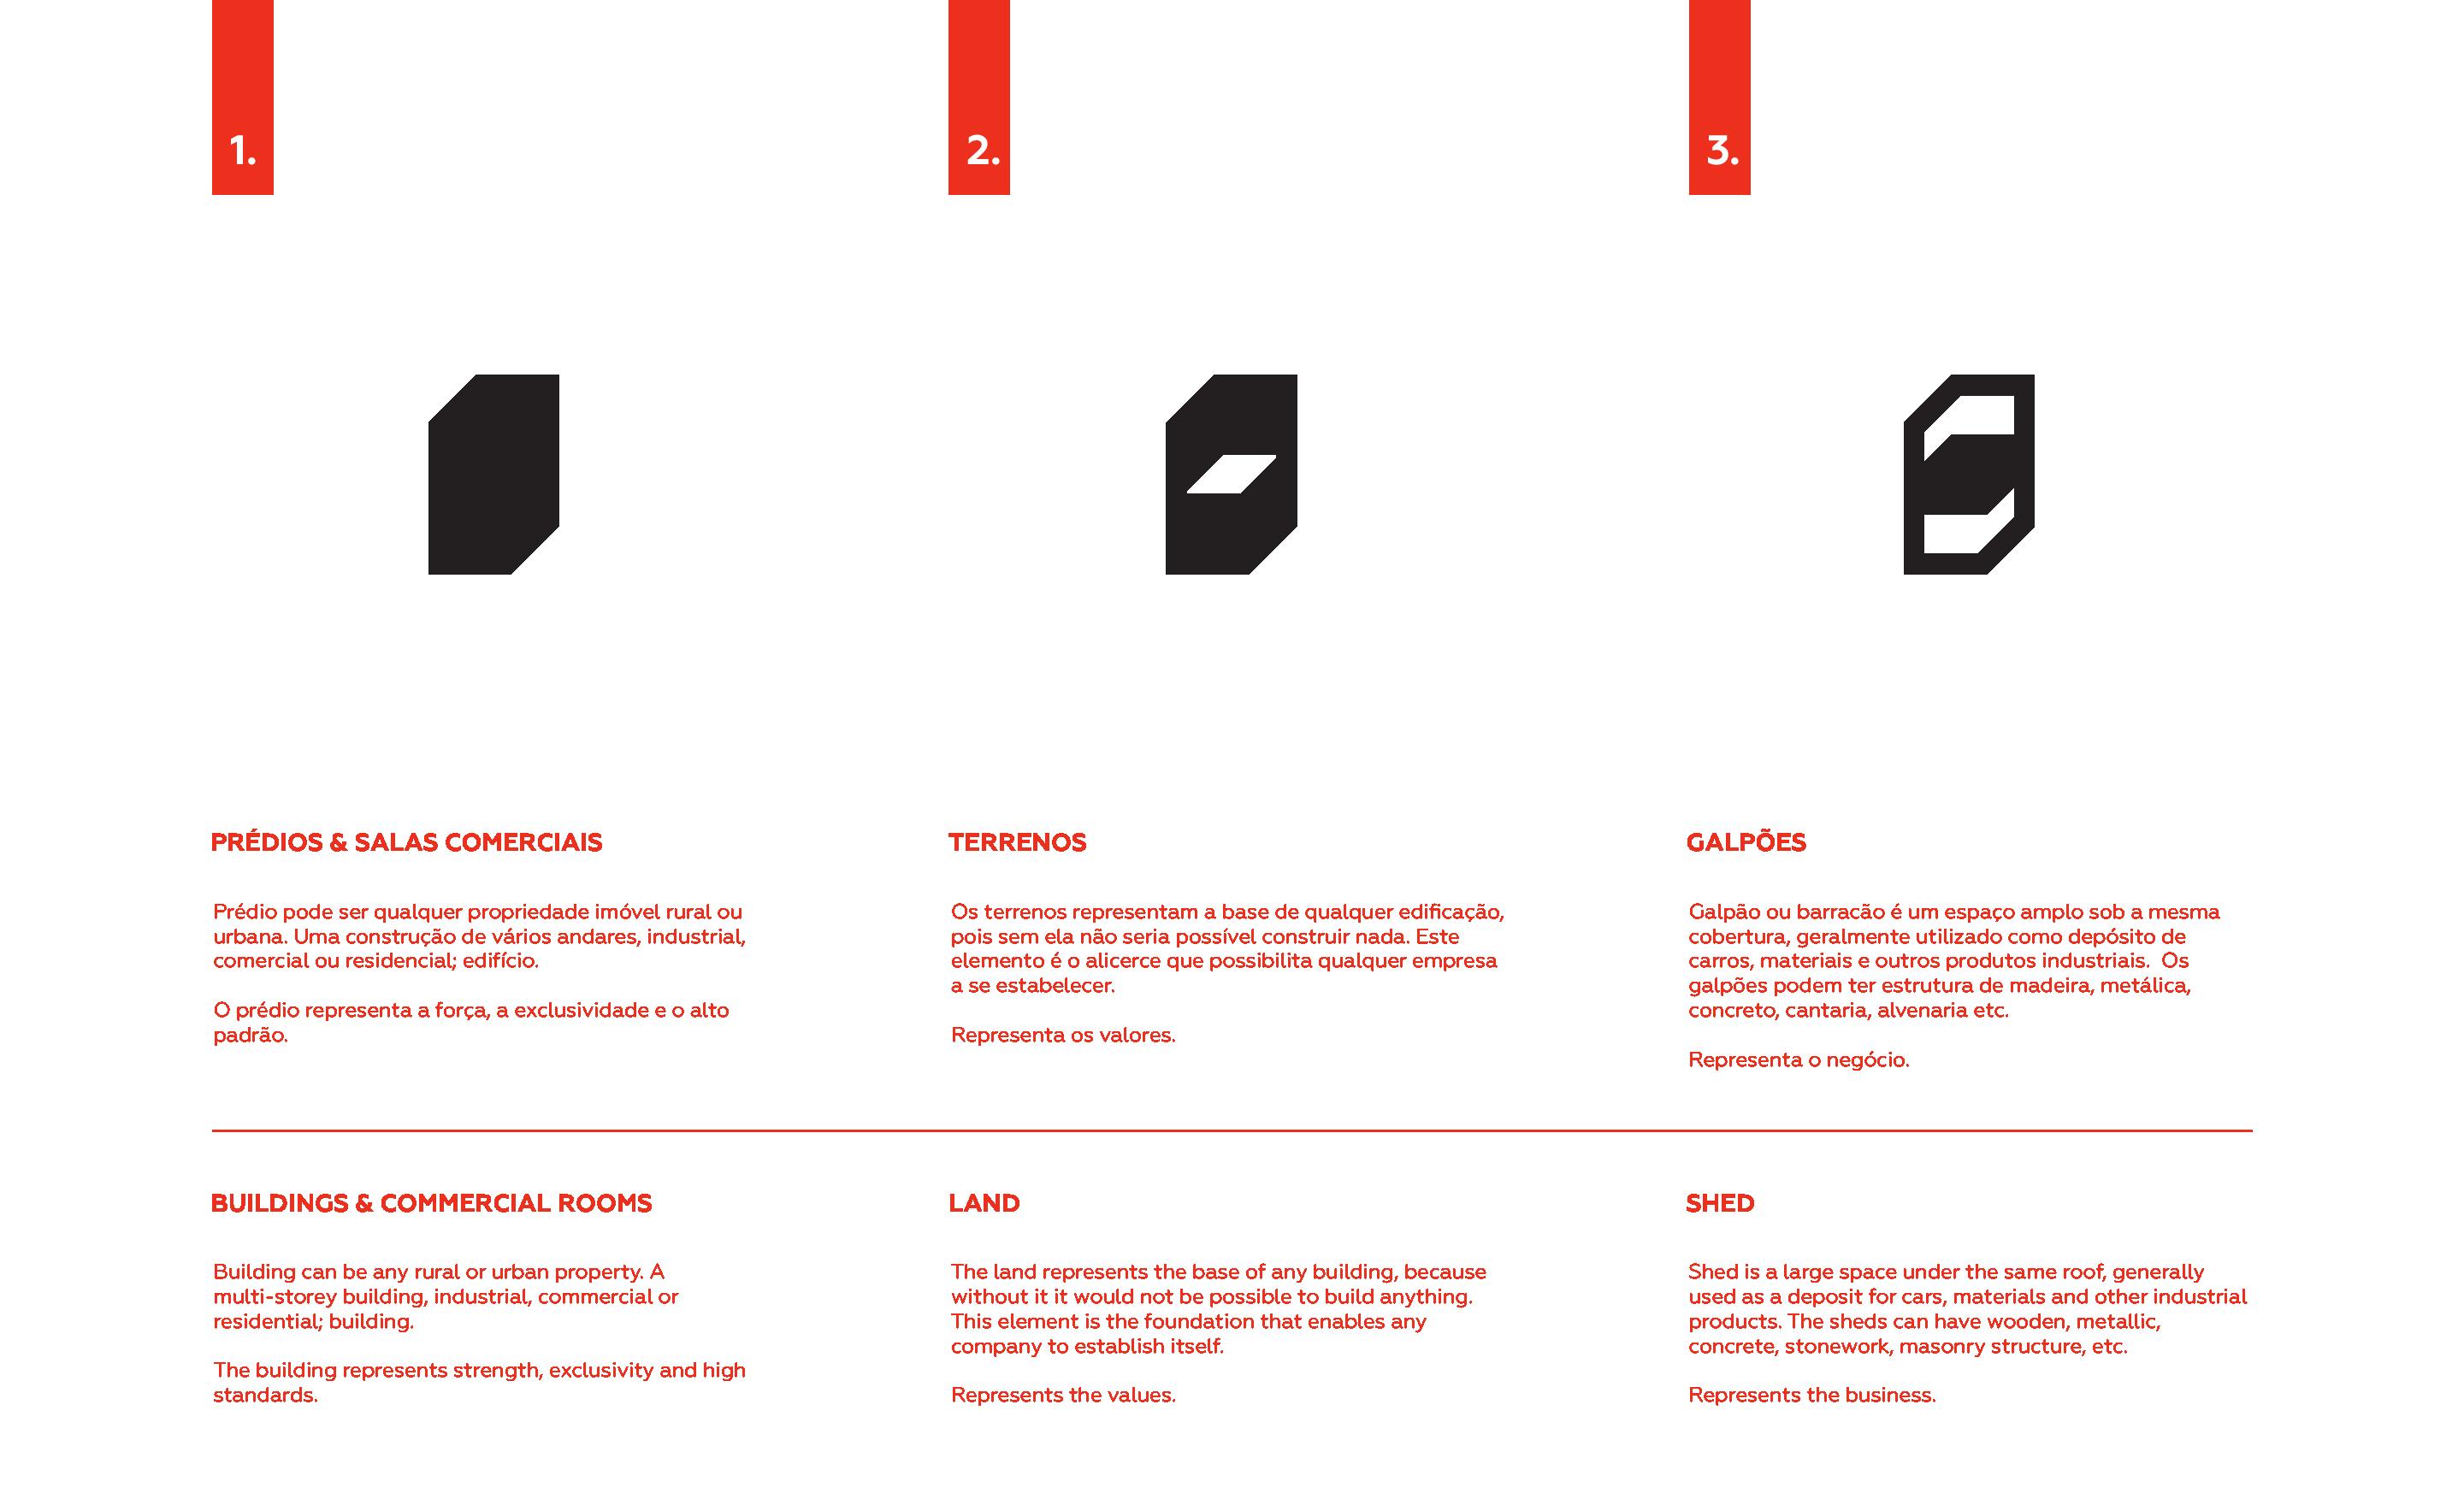 empresarial-vetores_conceito-simbolo-3